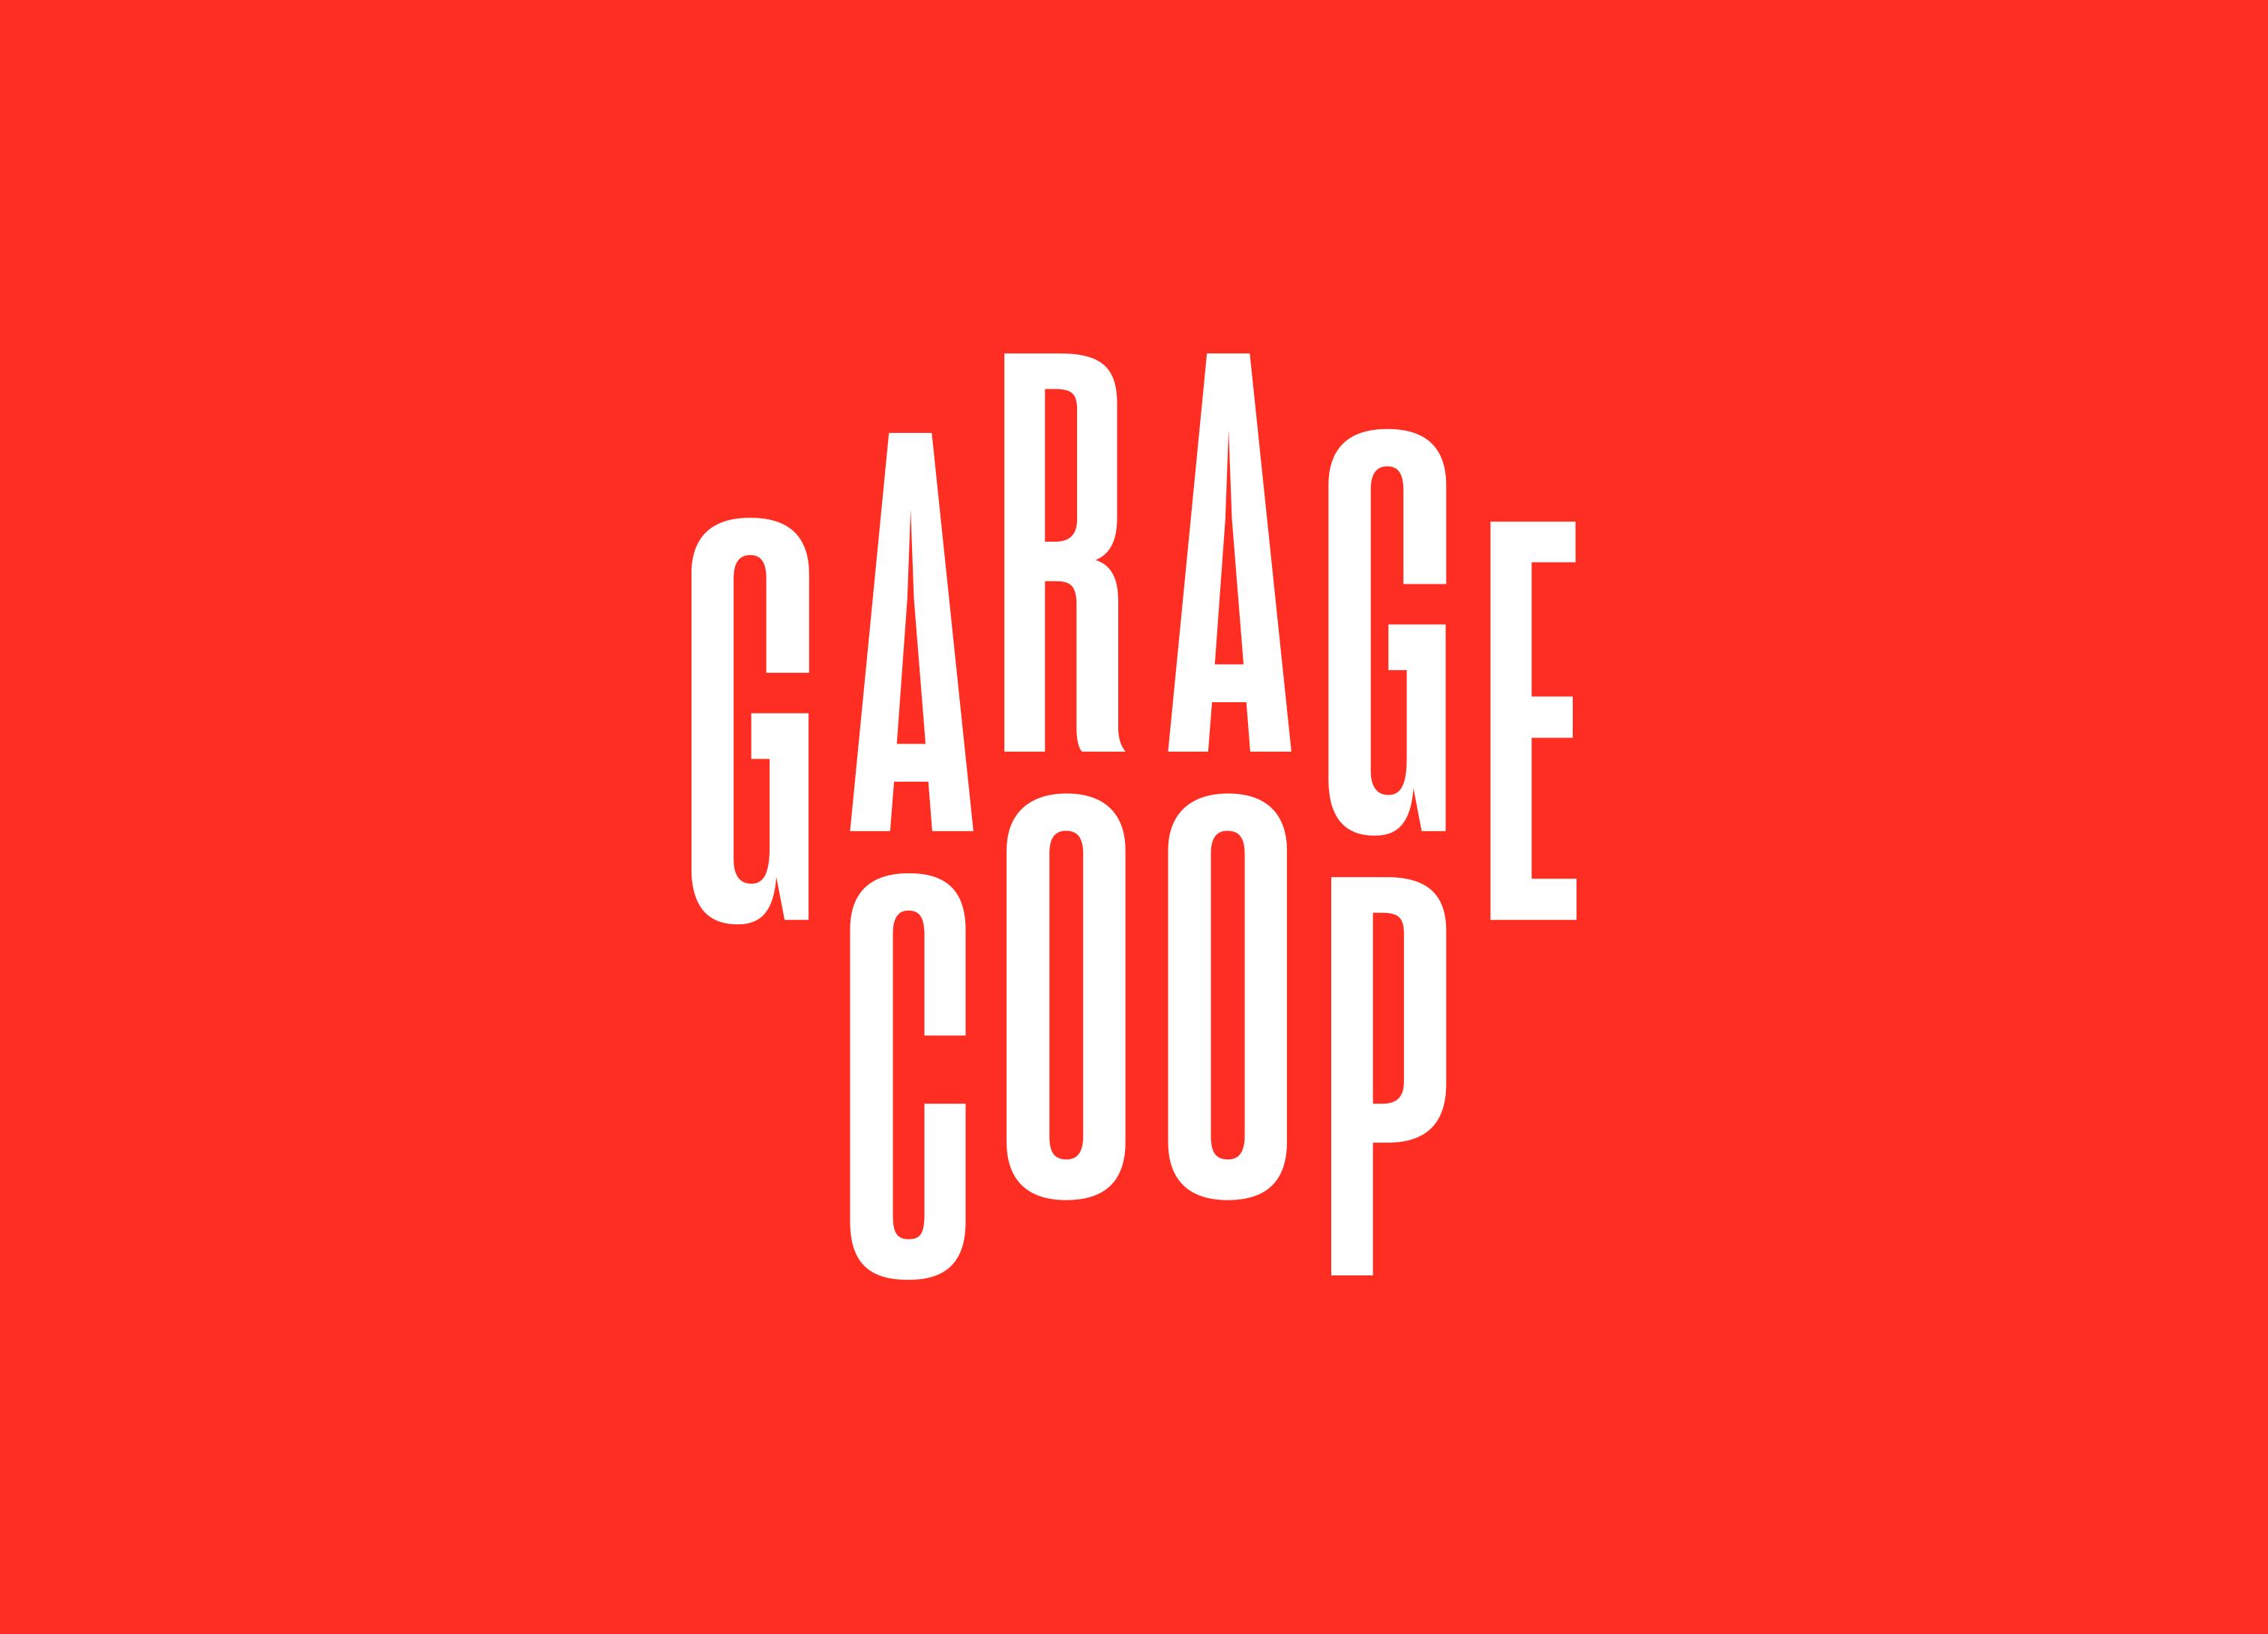 Garage coop